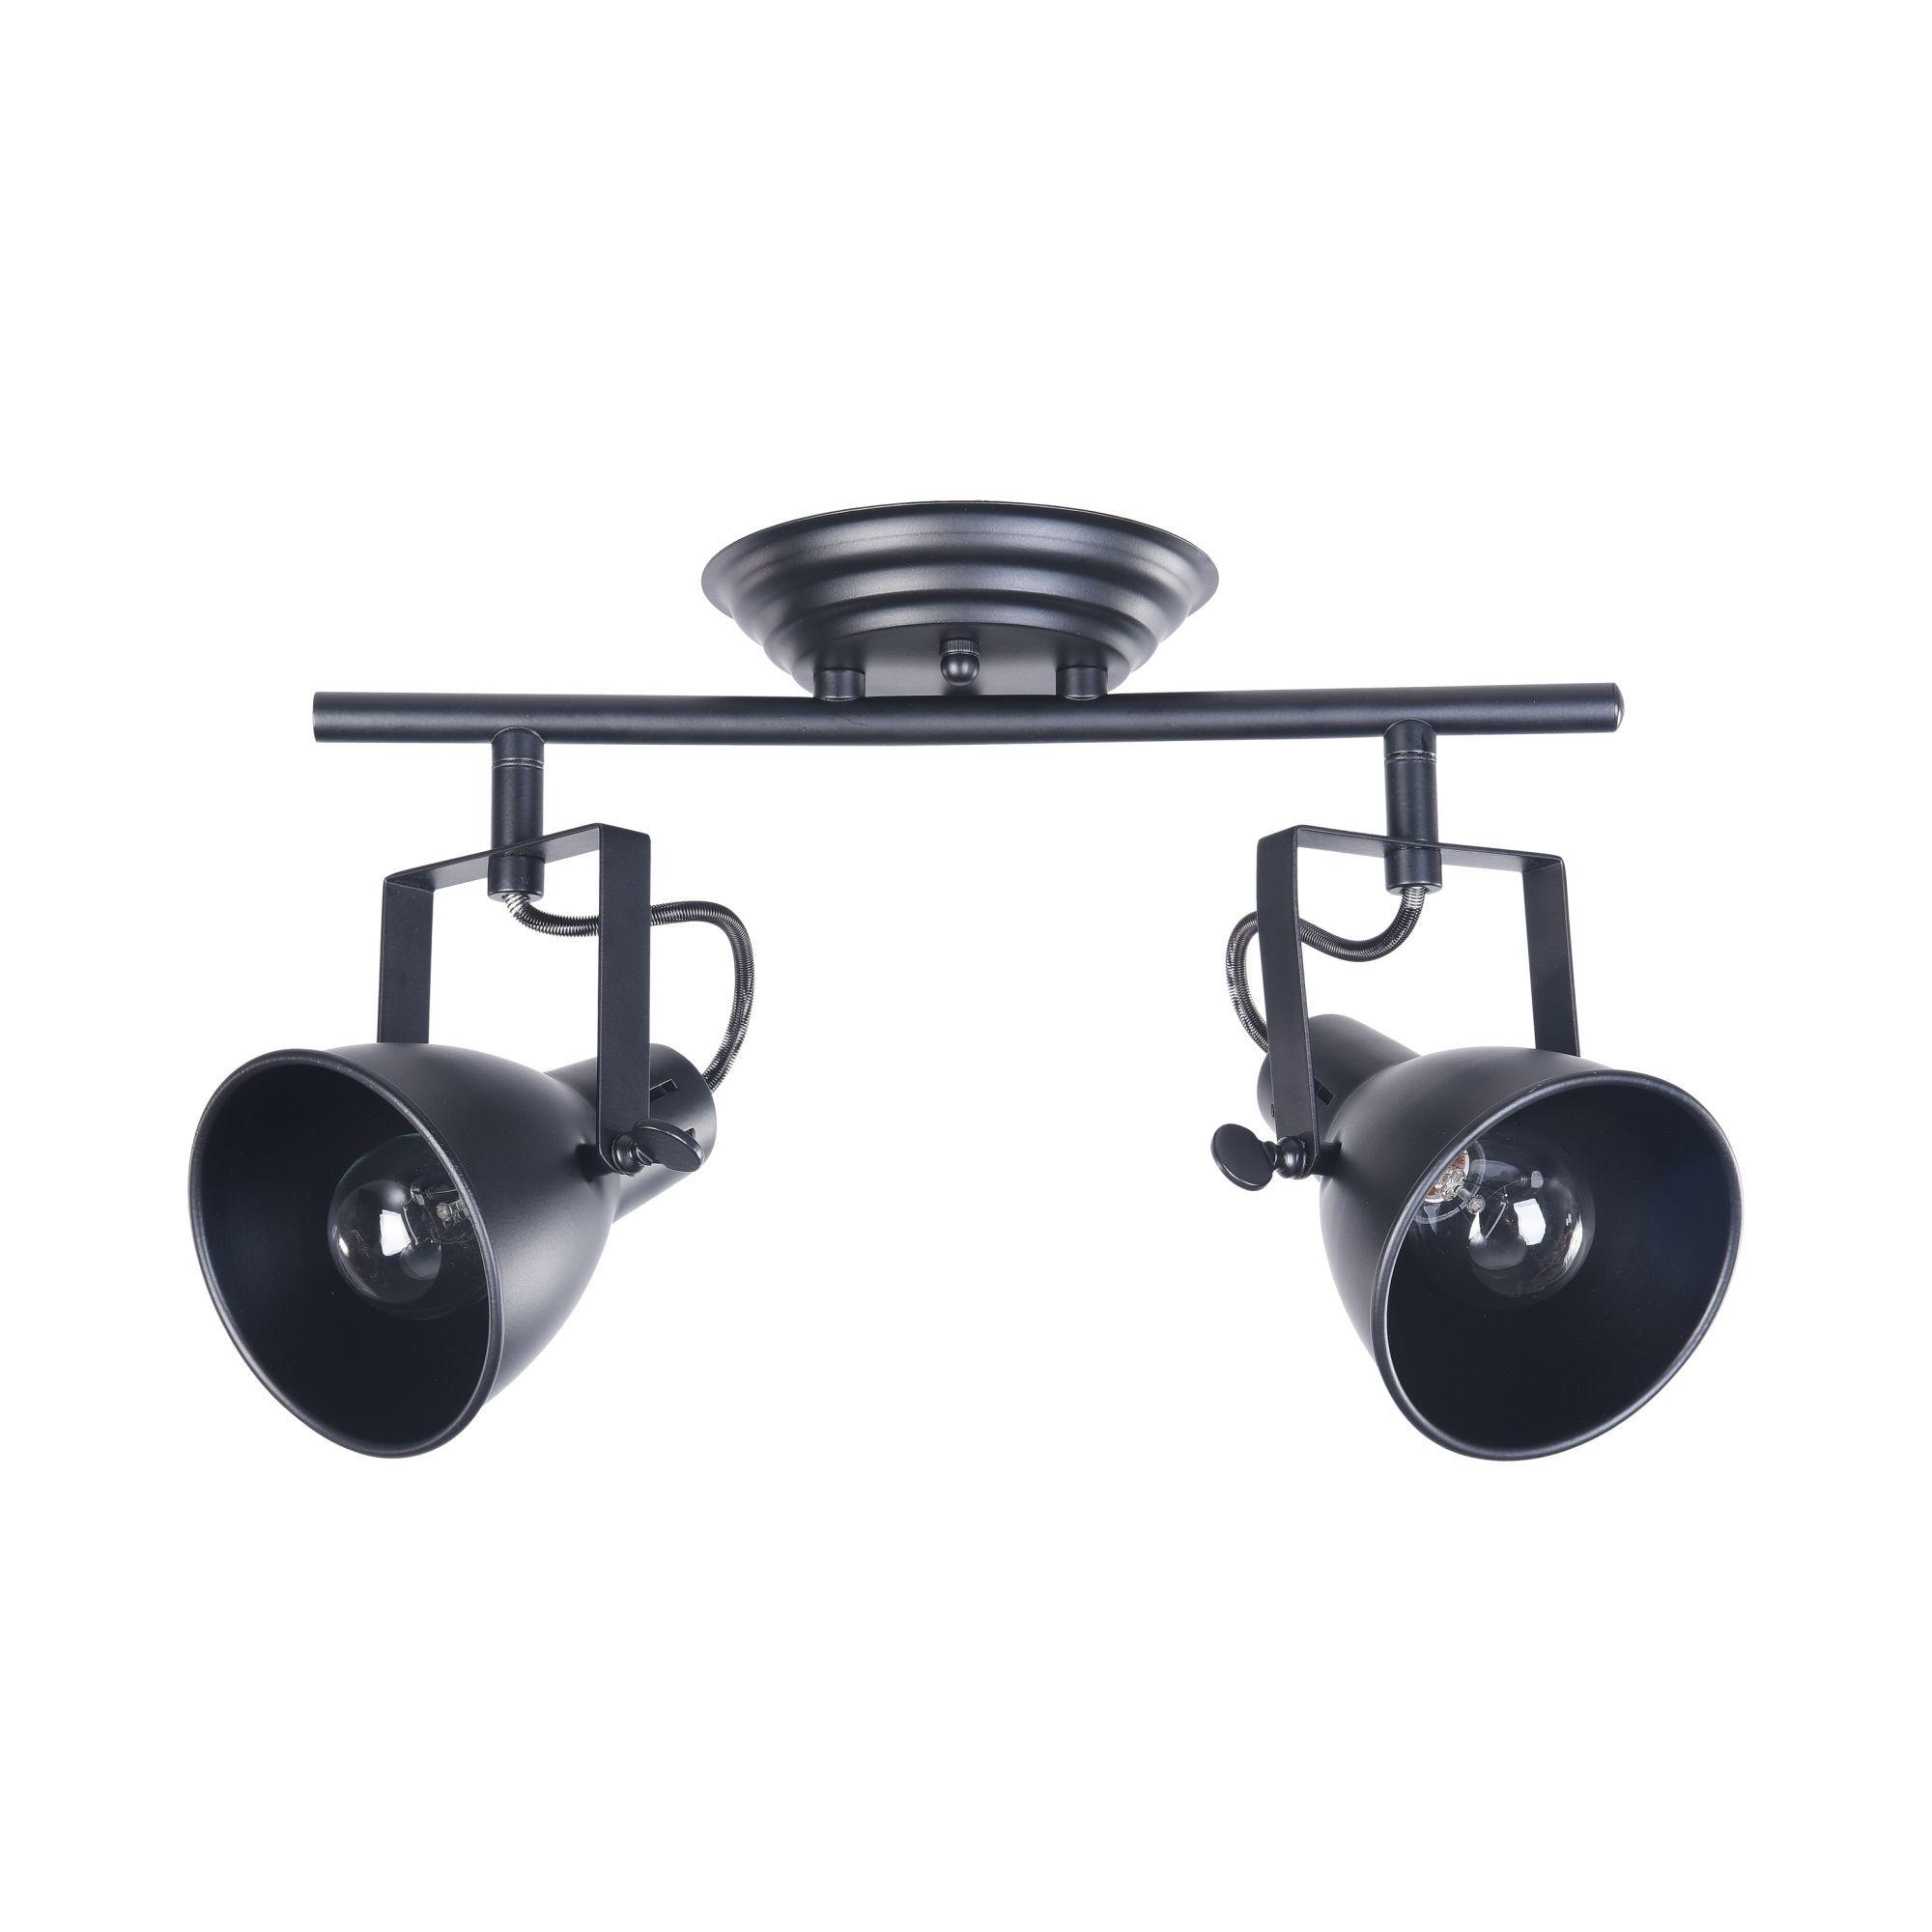 Потолочный светильник с регулировкой направления света Freya Ibbi FR4276-CW-02-B, 2xE14x40W, черный, металл - фото 2